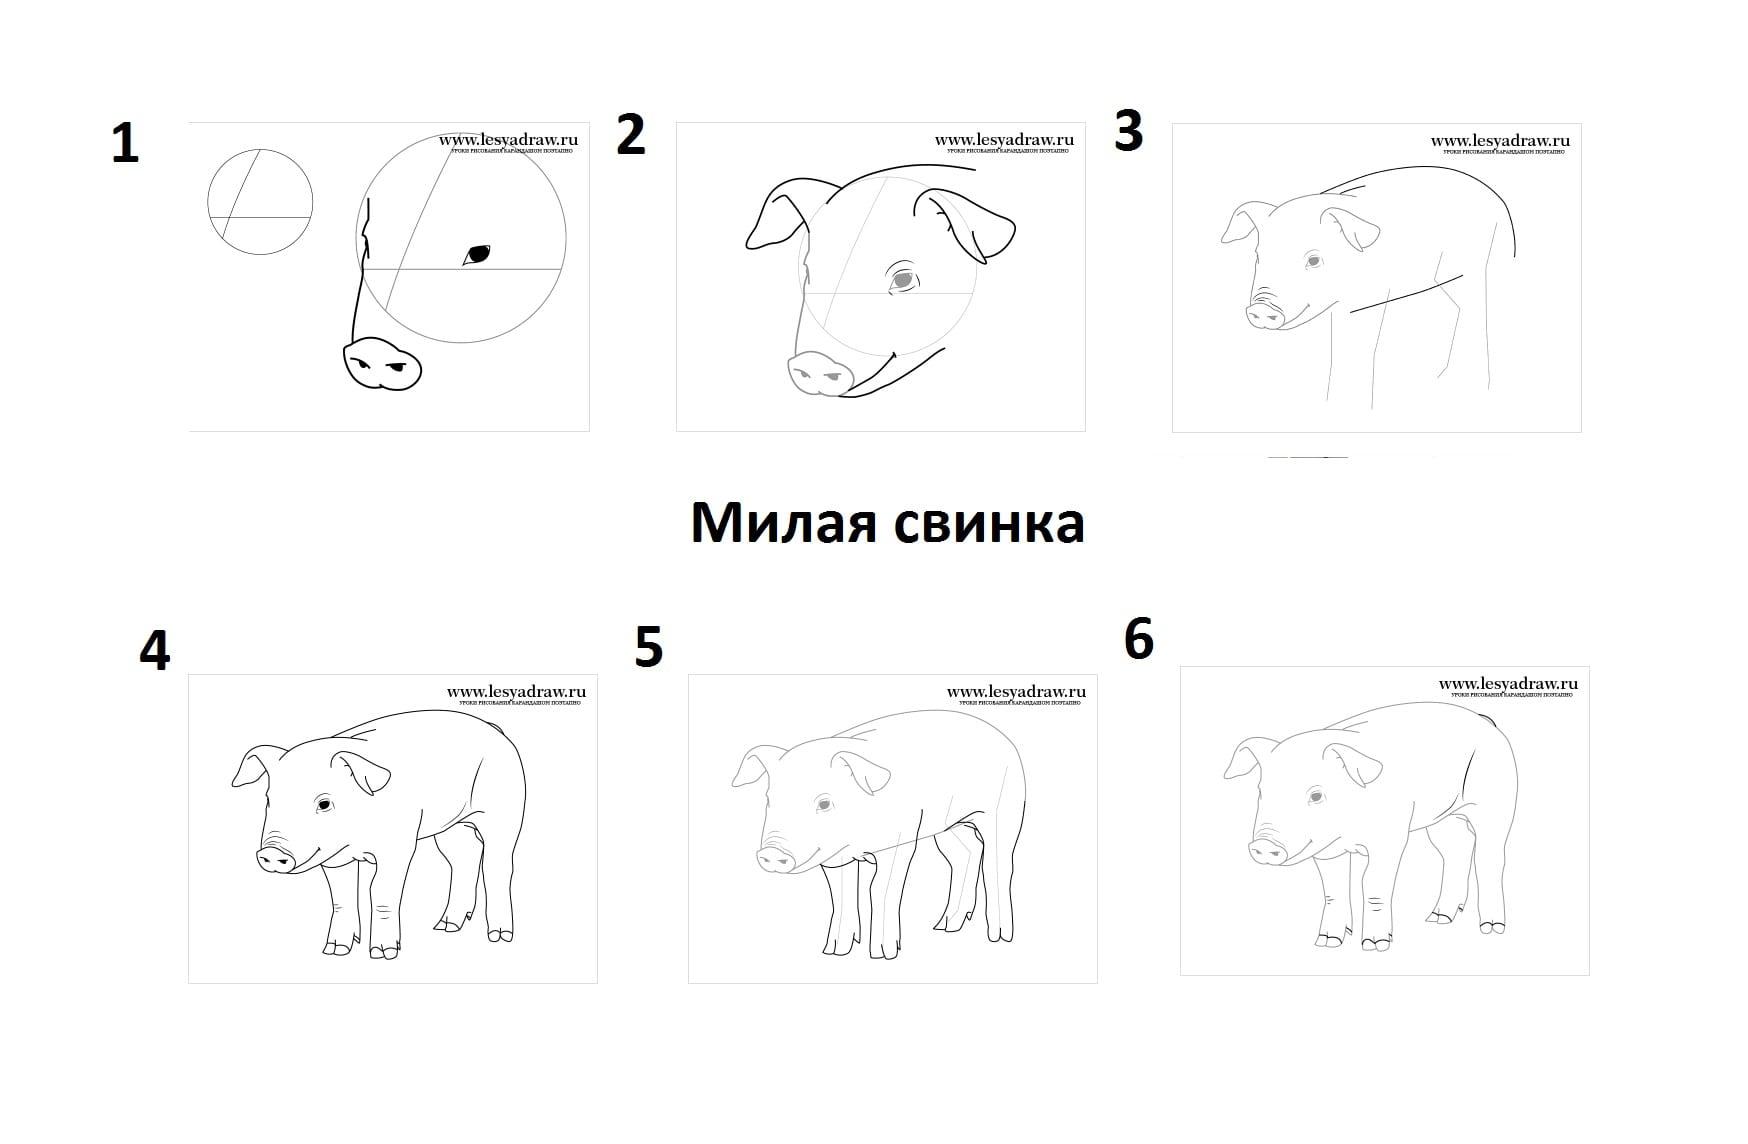 как нарисовать милую свинью